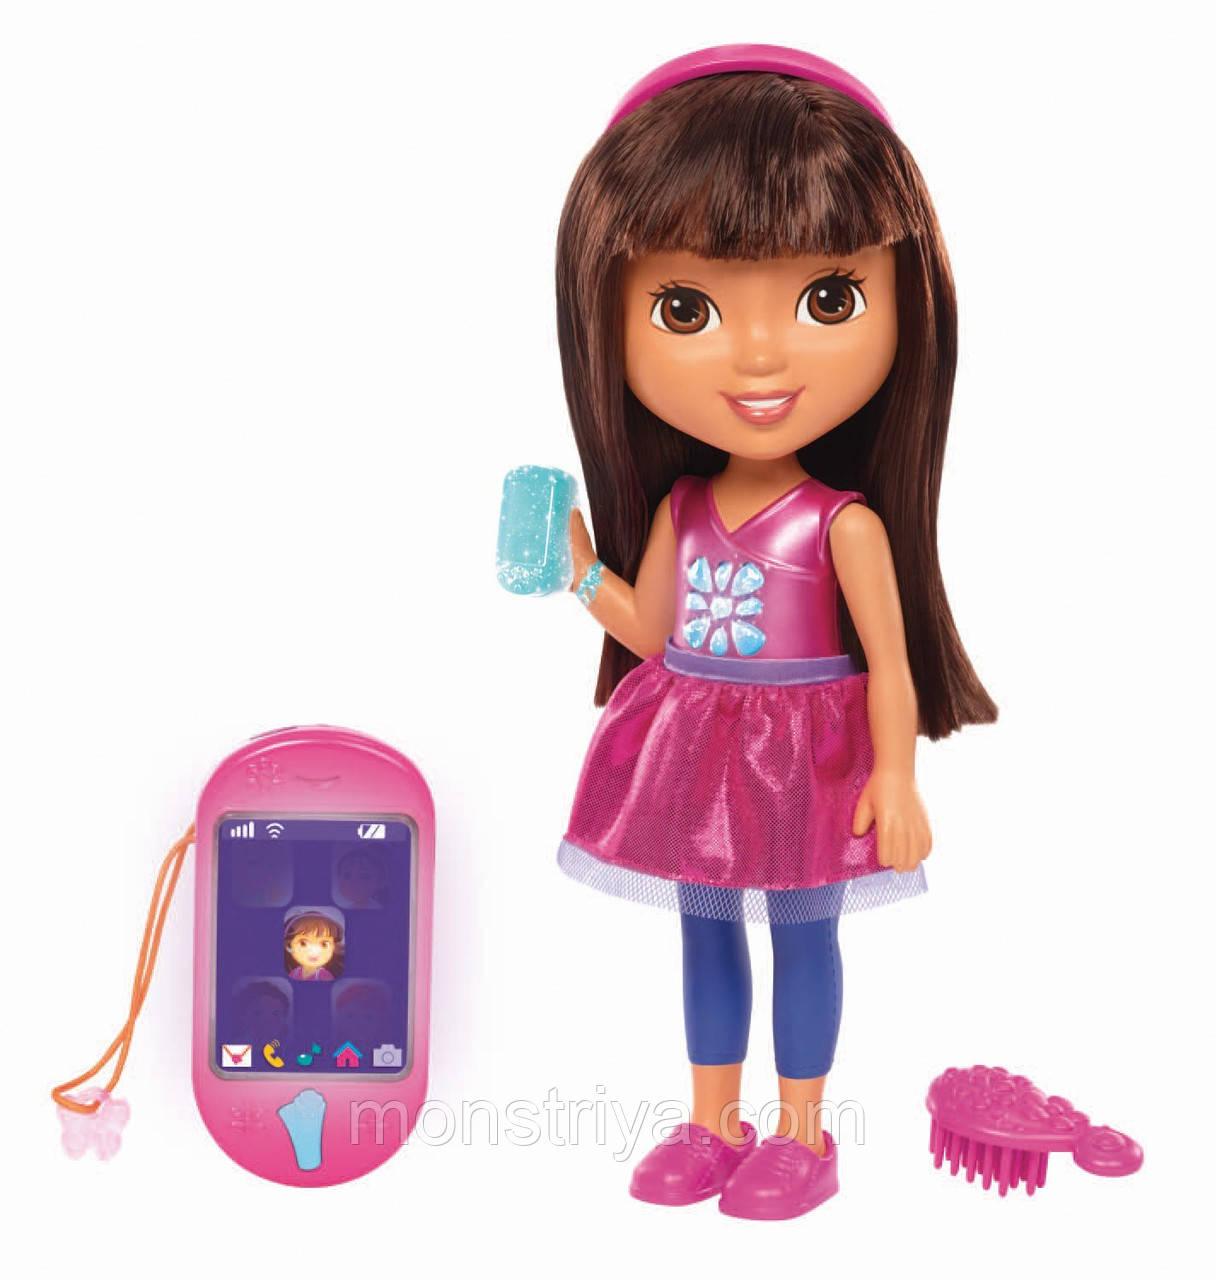 Интерактивная кукла Даша Dora путешественница и смартфон Fisher-Price Nickelodeon